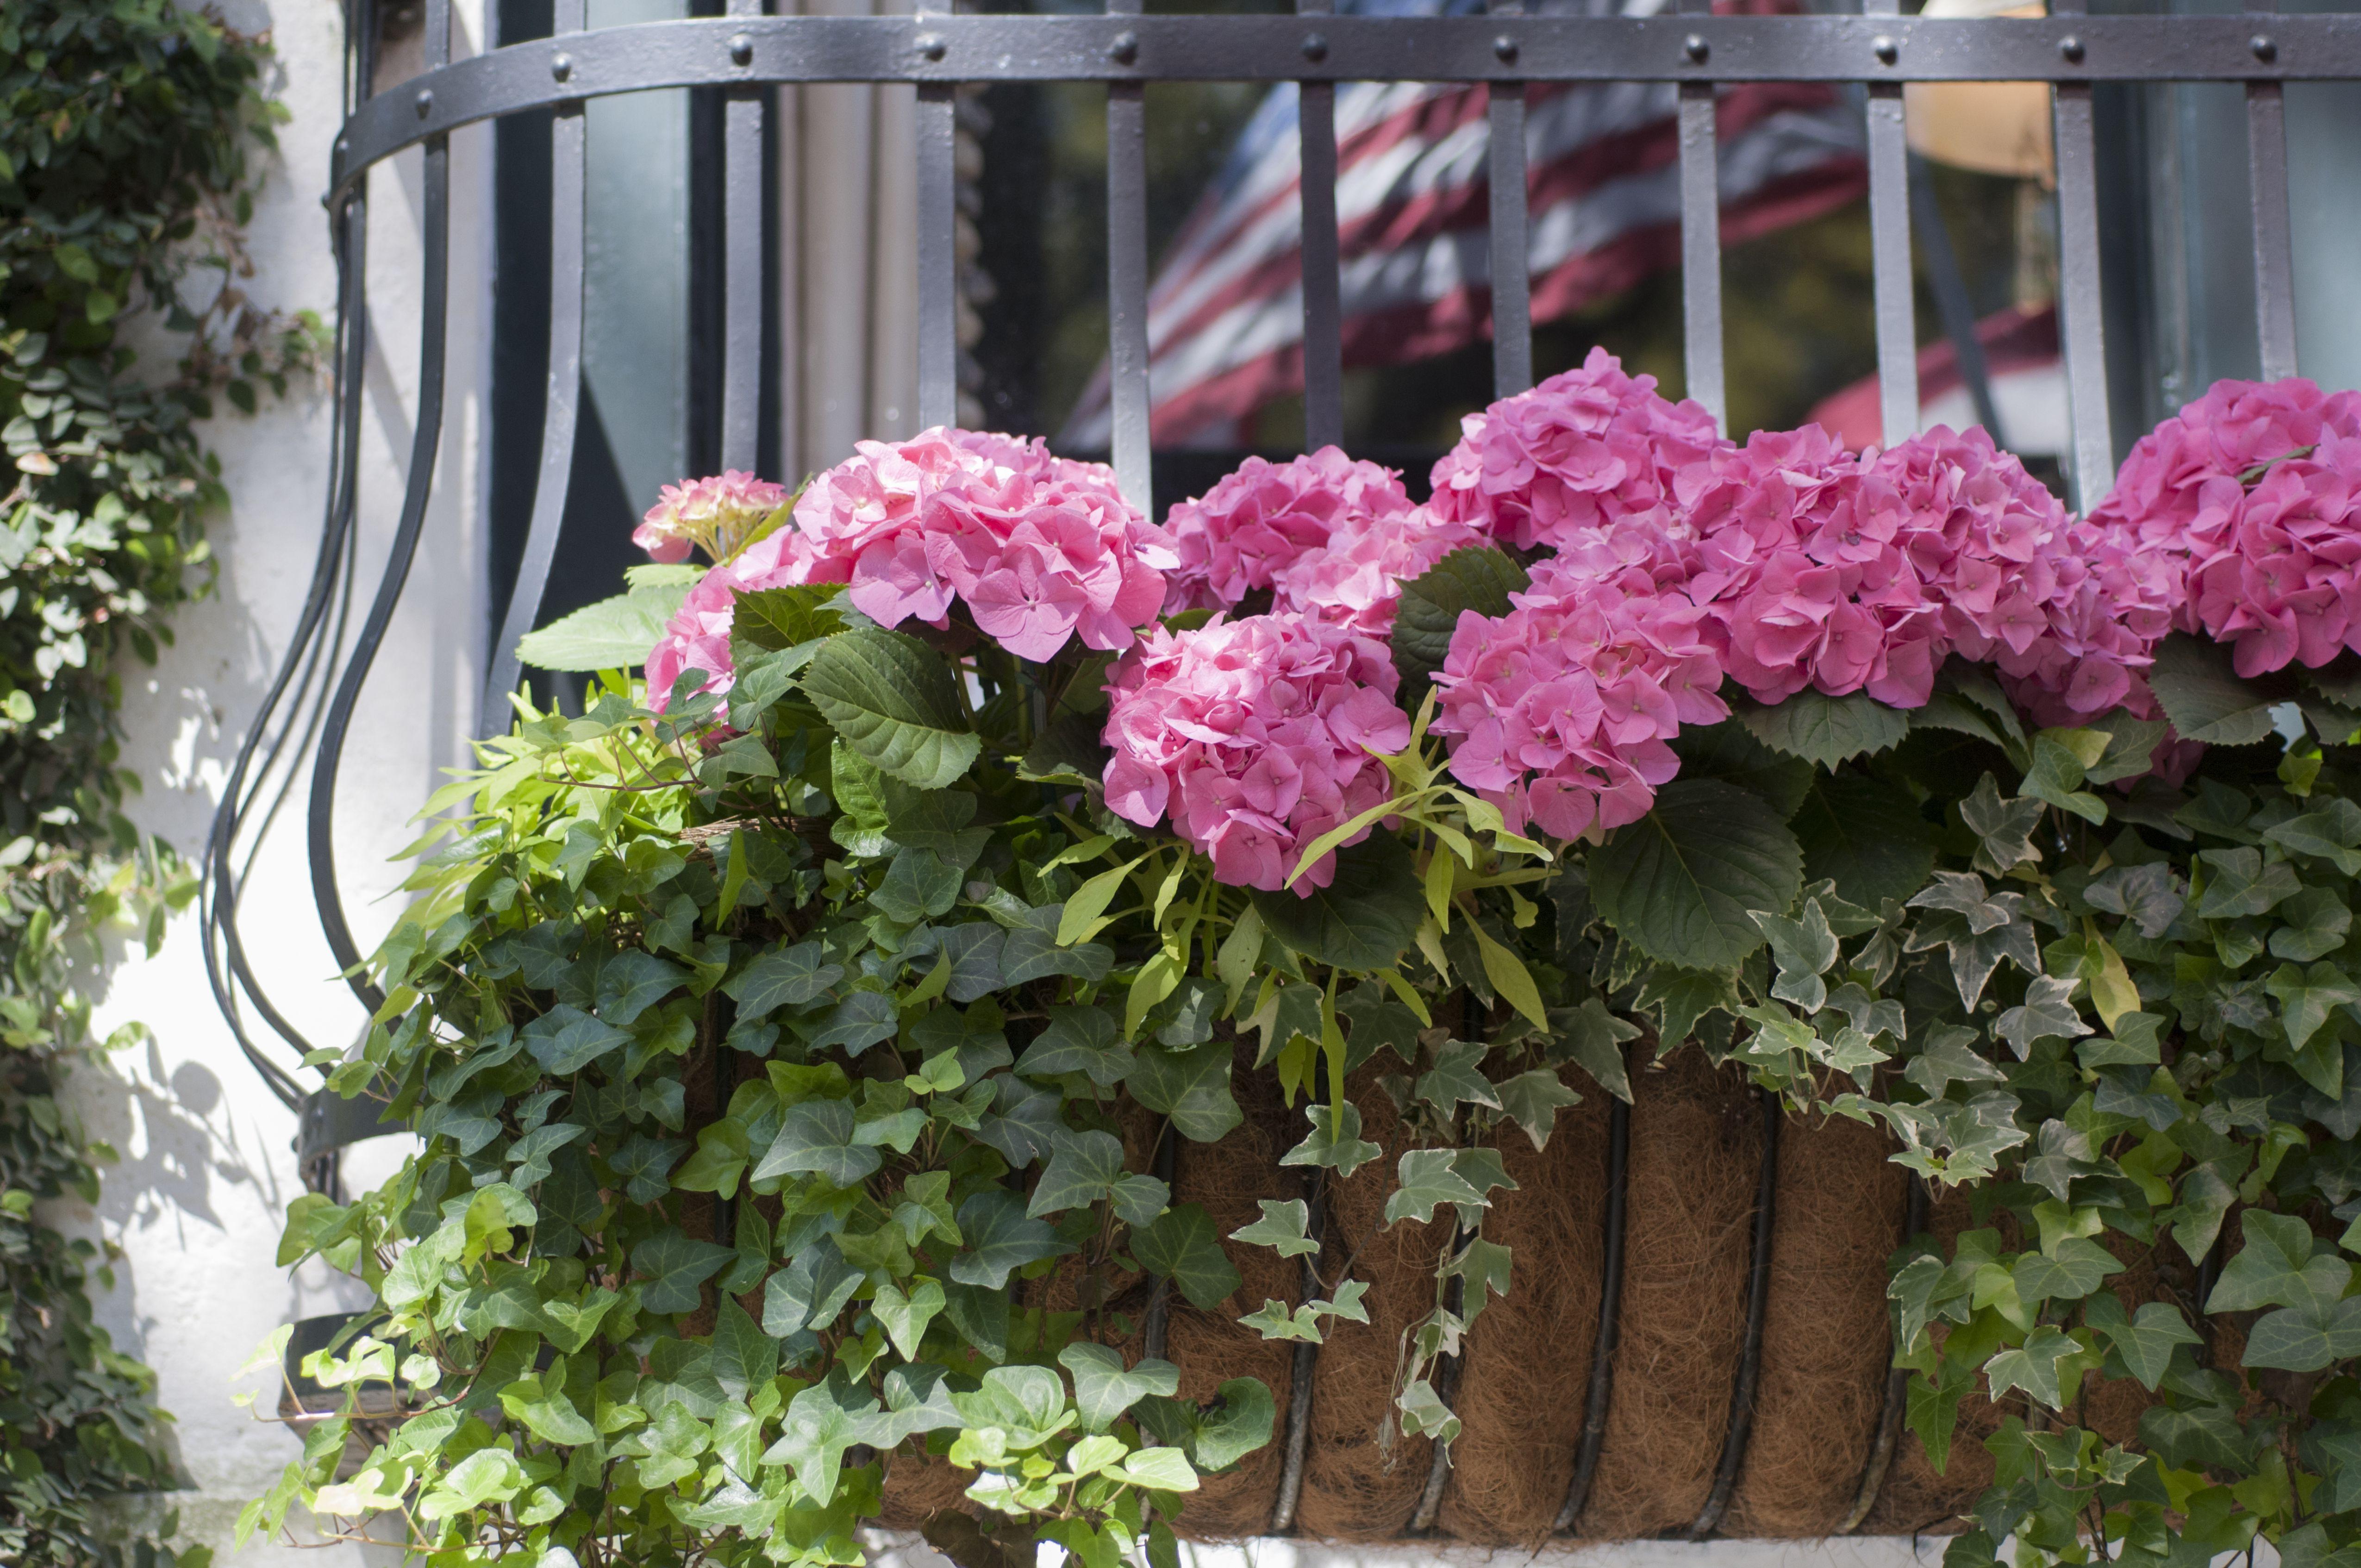 Pink hydrangeas in a window box